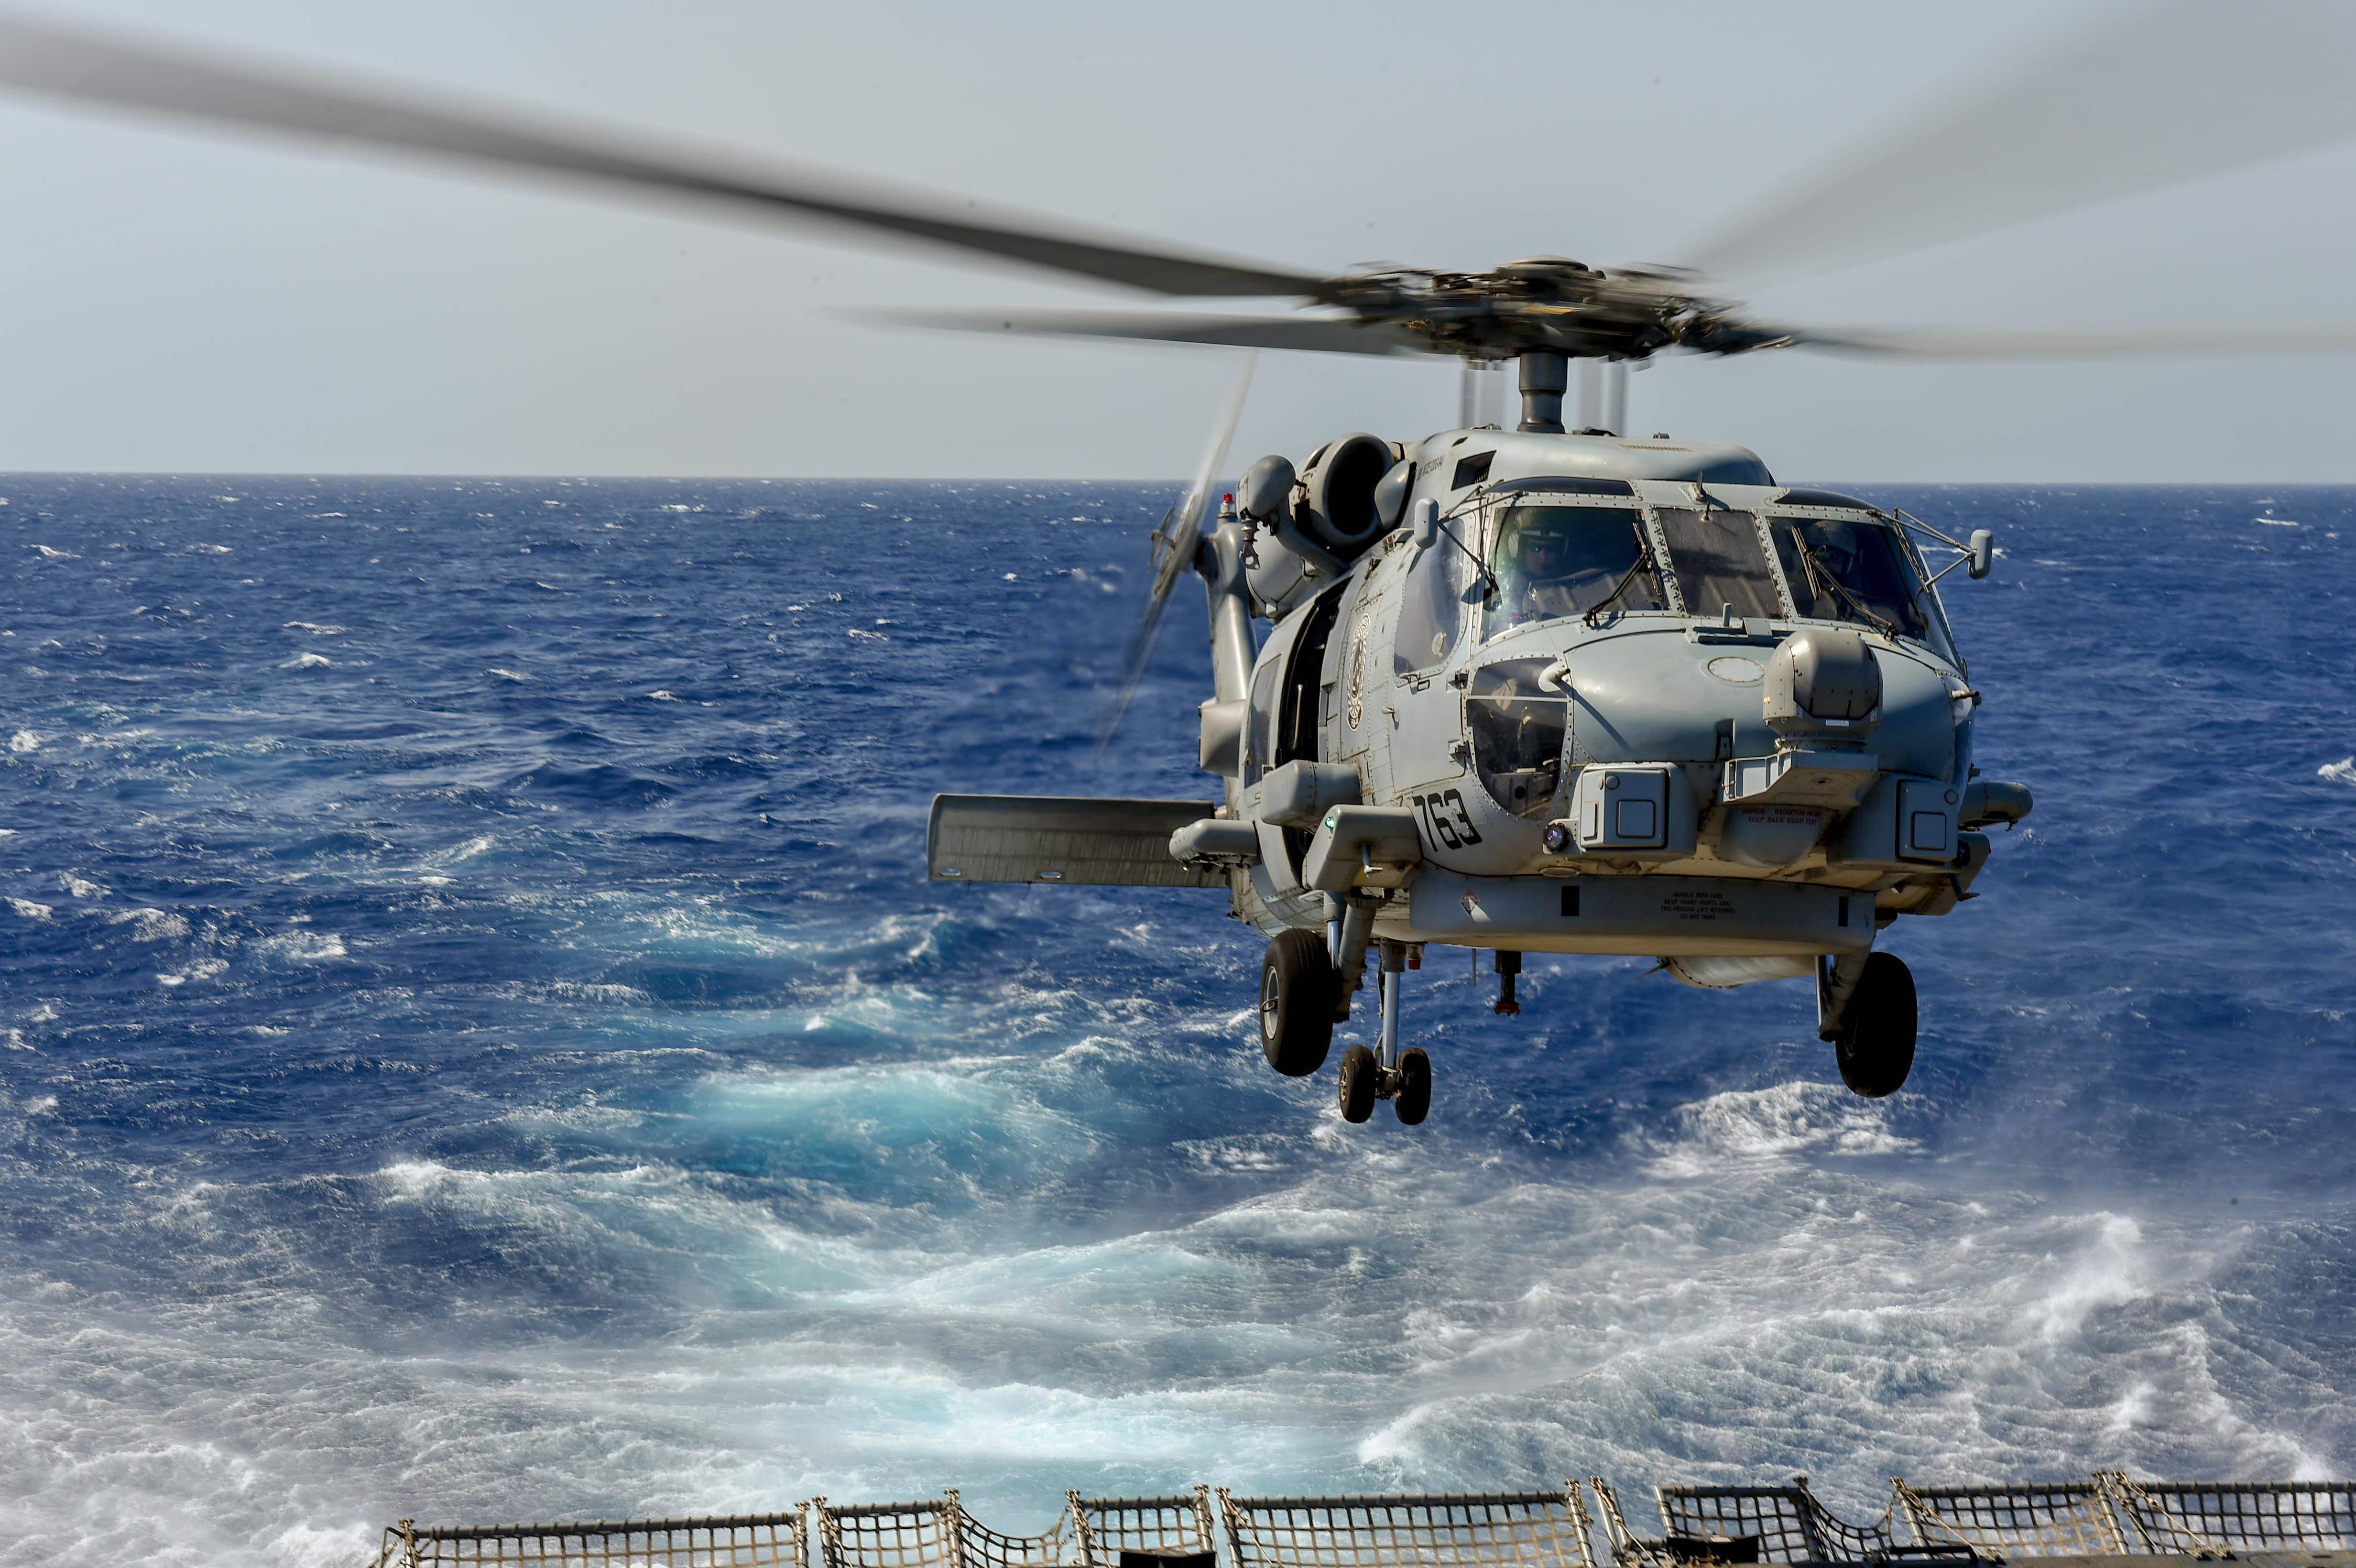 طائرة هيلكوبتر أميركية بعد تنفيذها إحدى المهام في منطقة الخليج العربي (أ.ف.ب.)